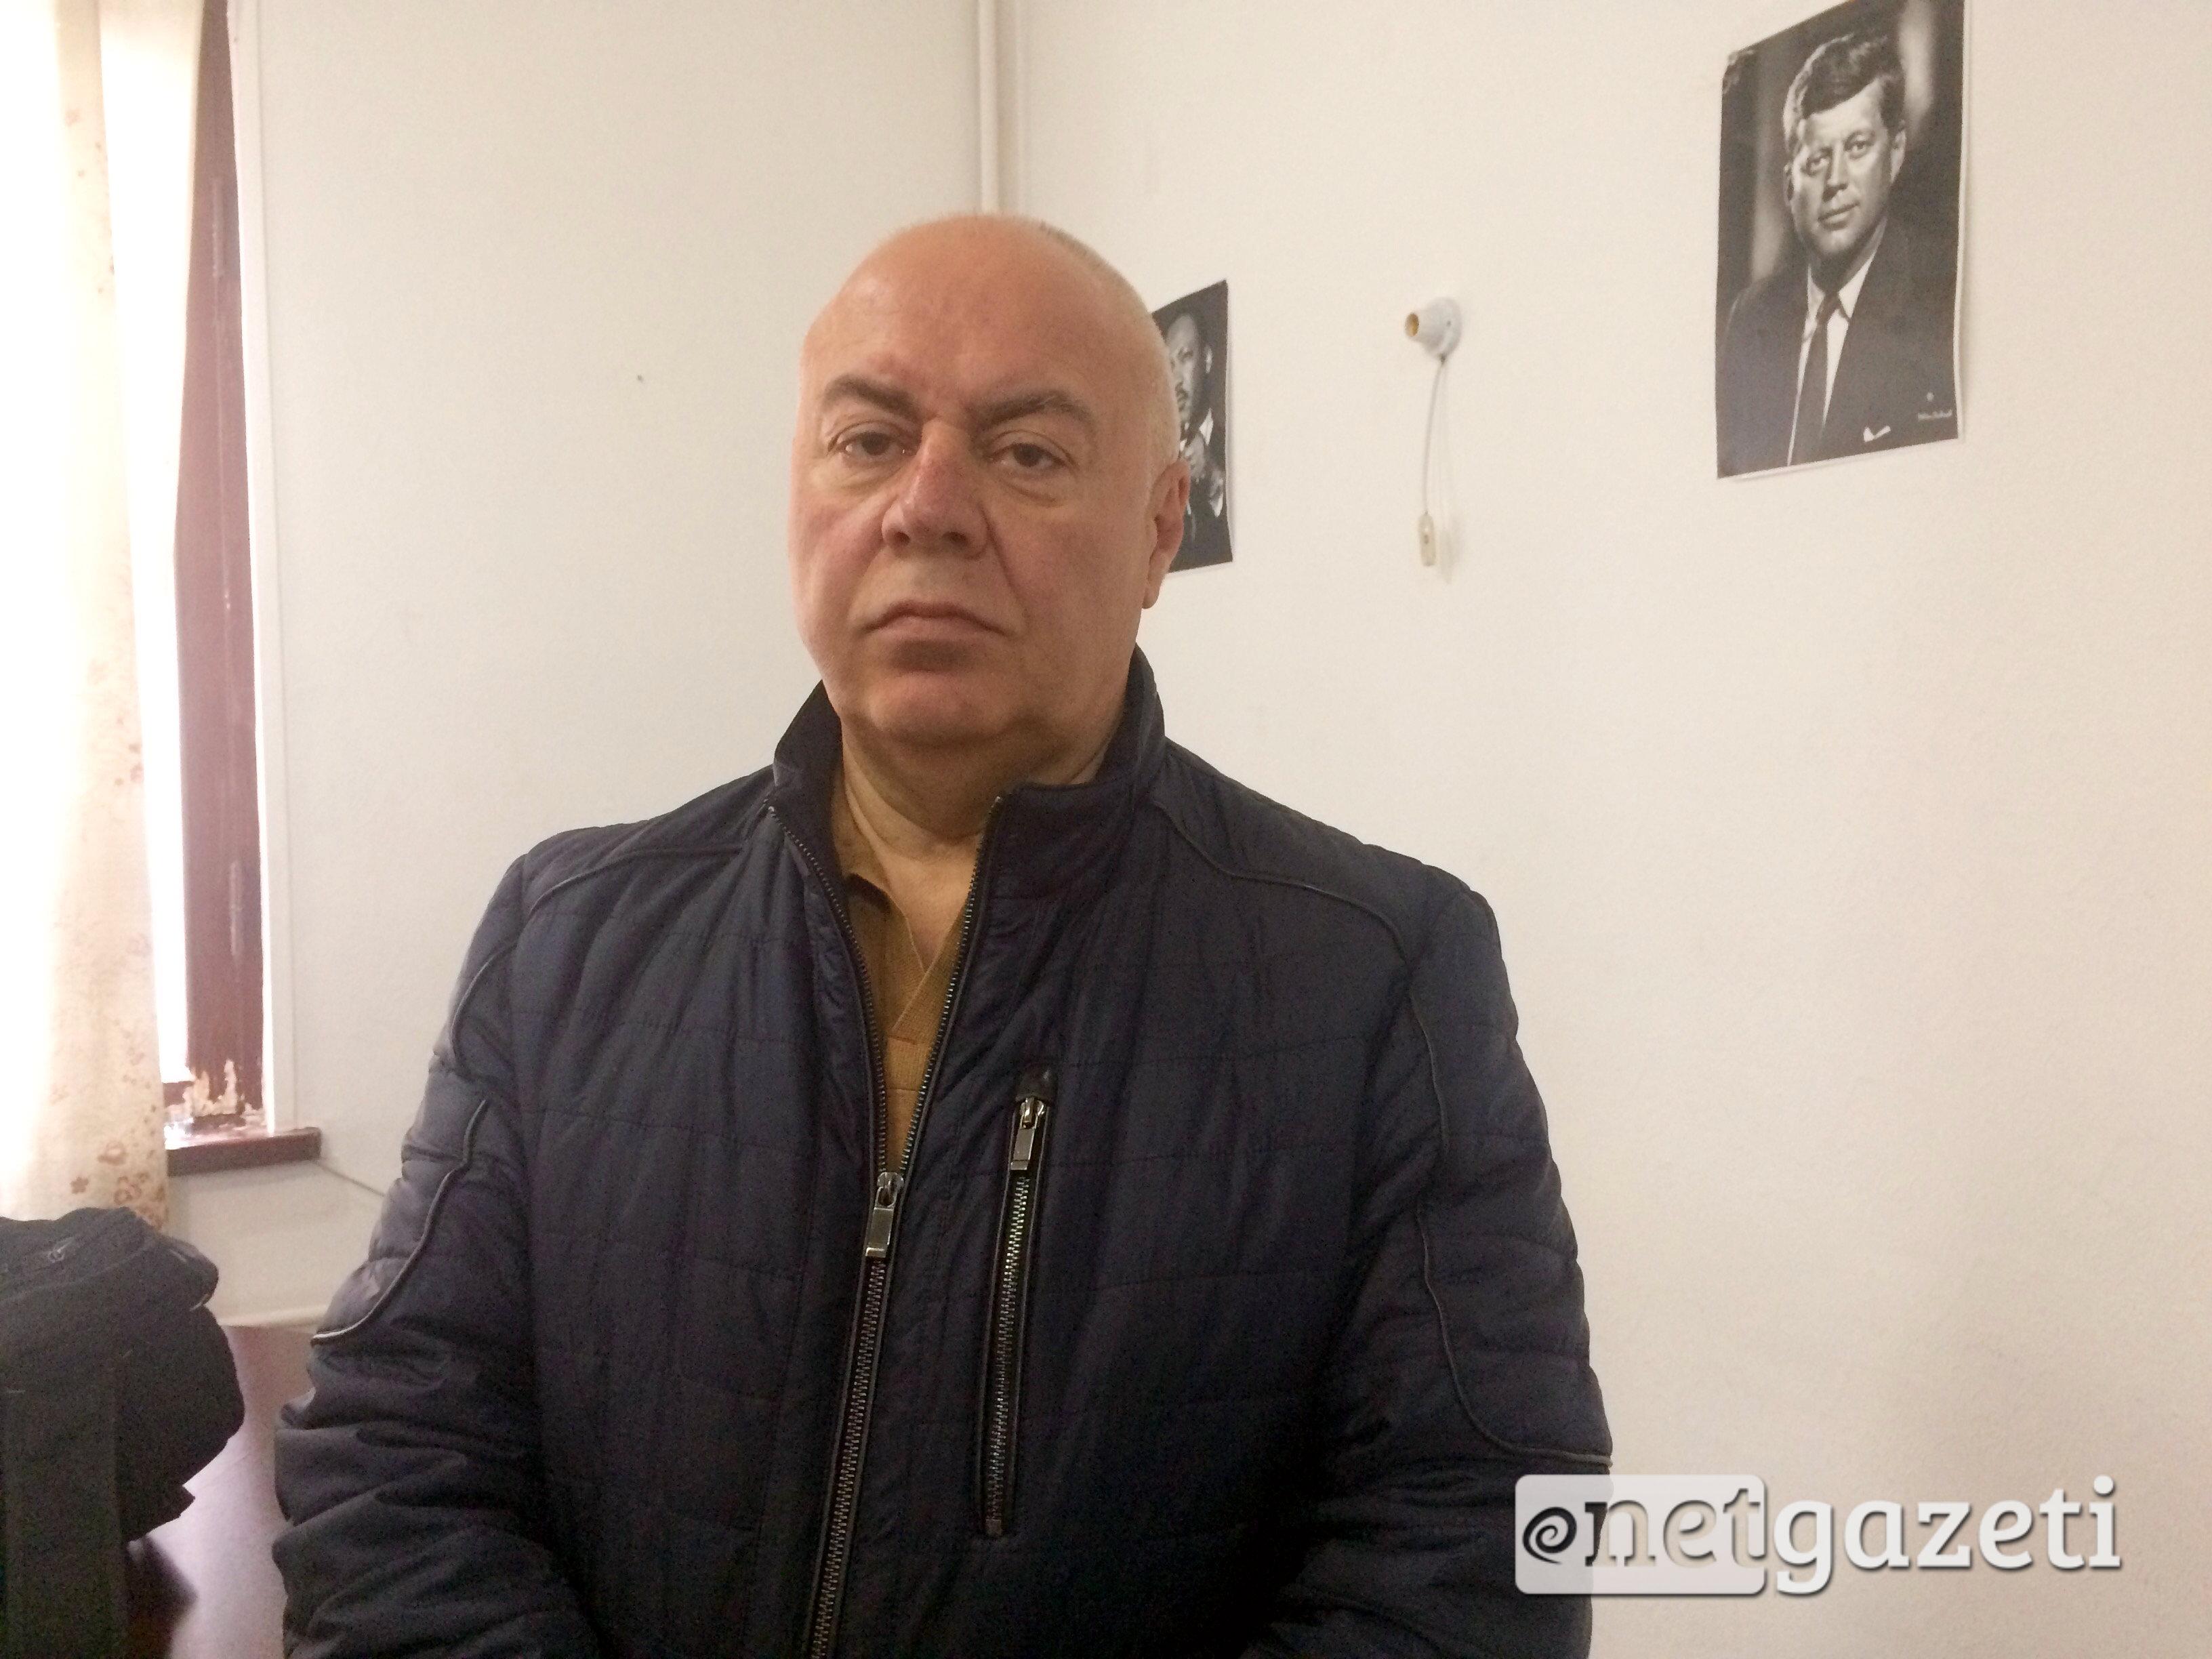 მელიკ რაისიანი, თავისუფალი საქართველოს ახალქალაქის კომიტეტის ლიდერი. ფოტო: გიორგი დიასამიძე/ნეტგაზეთი